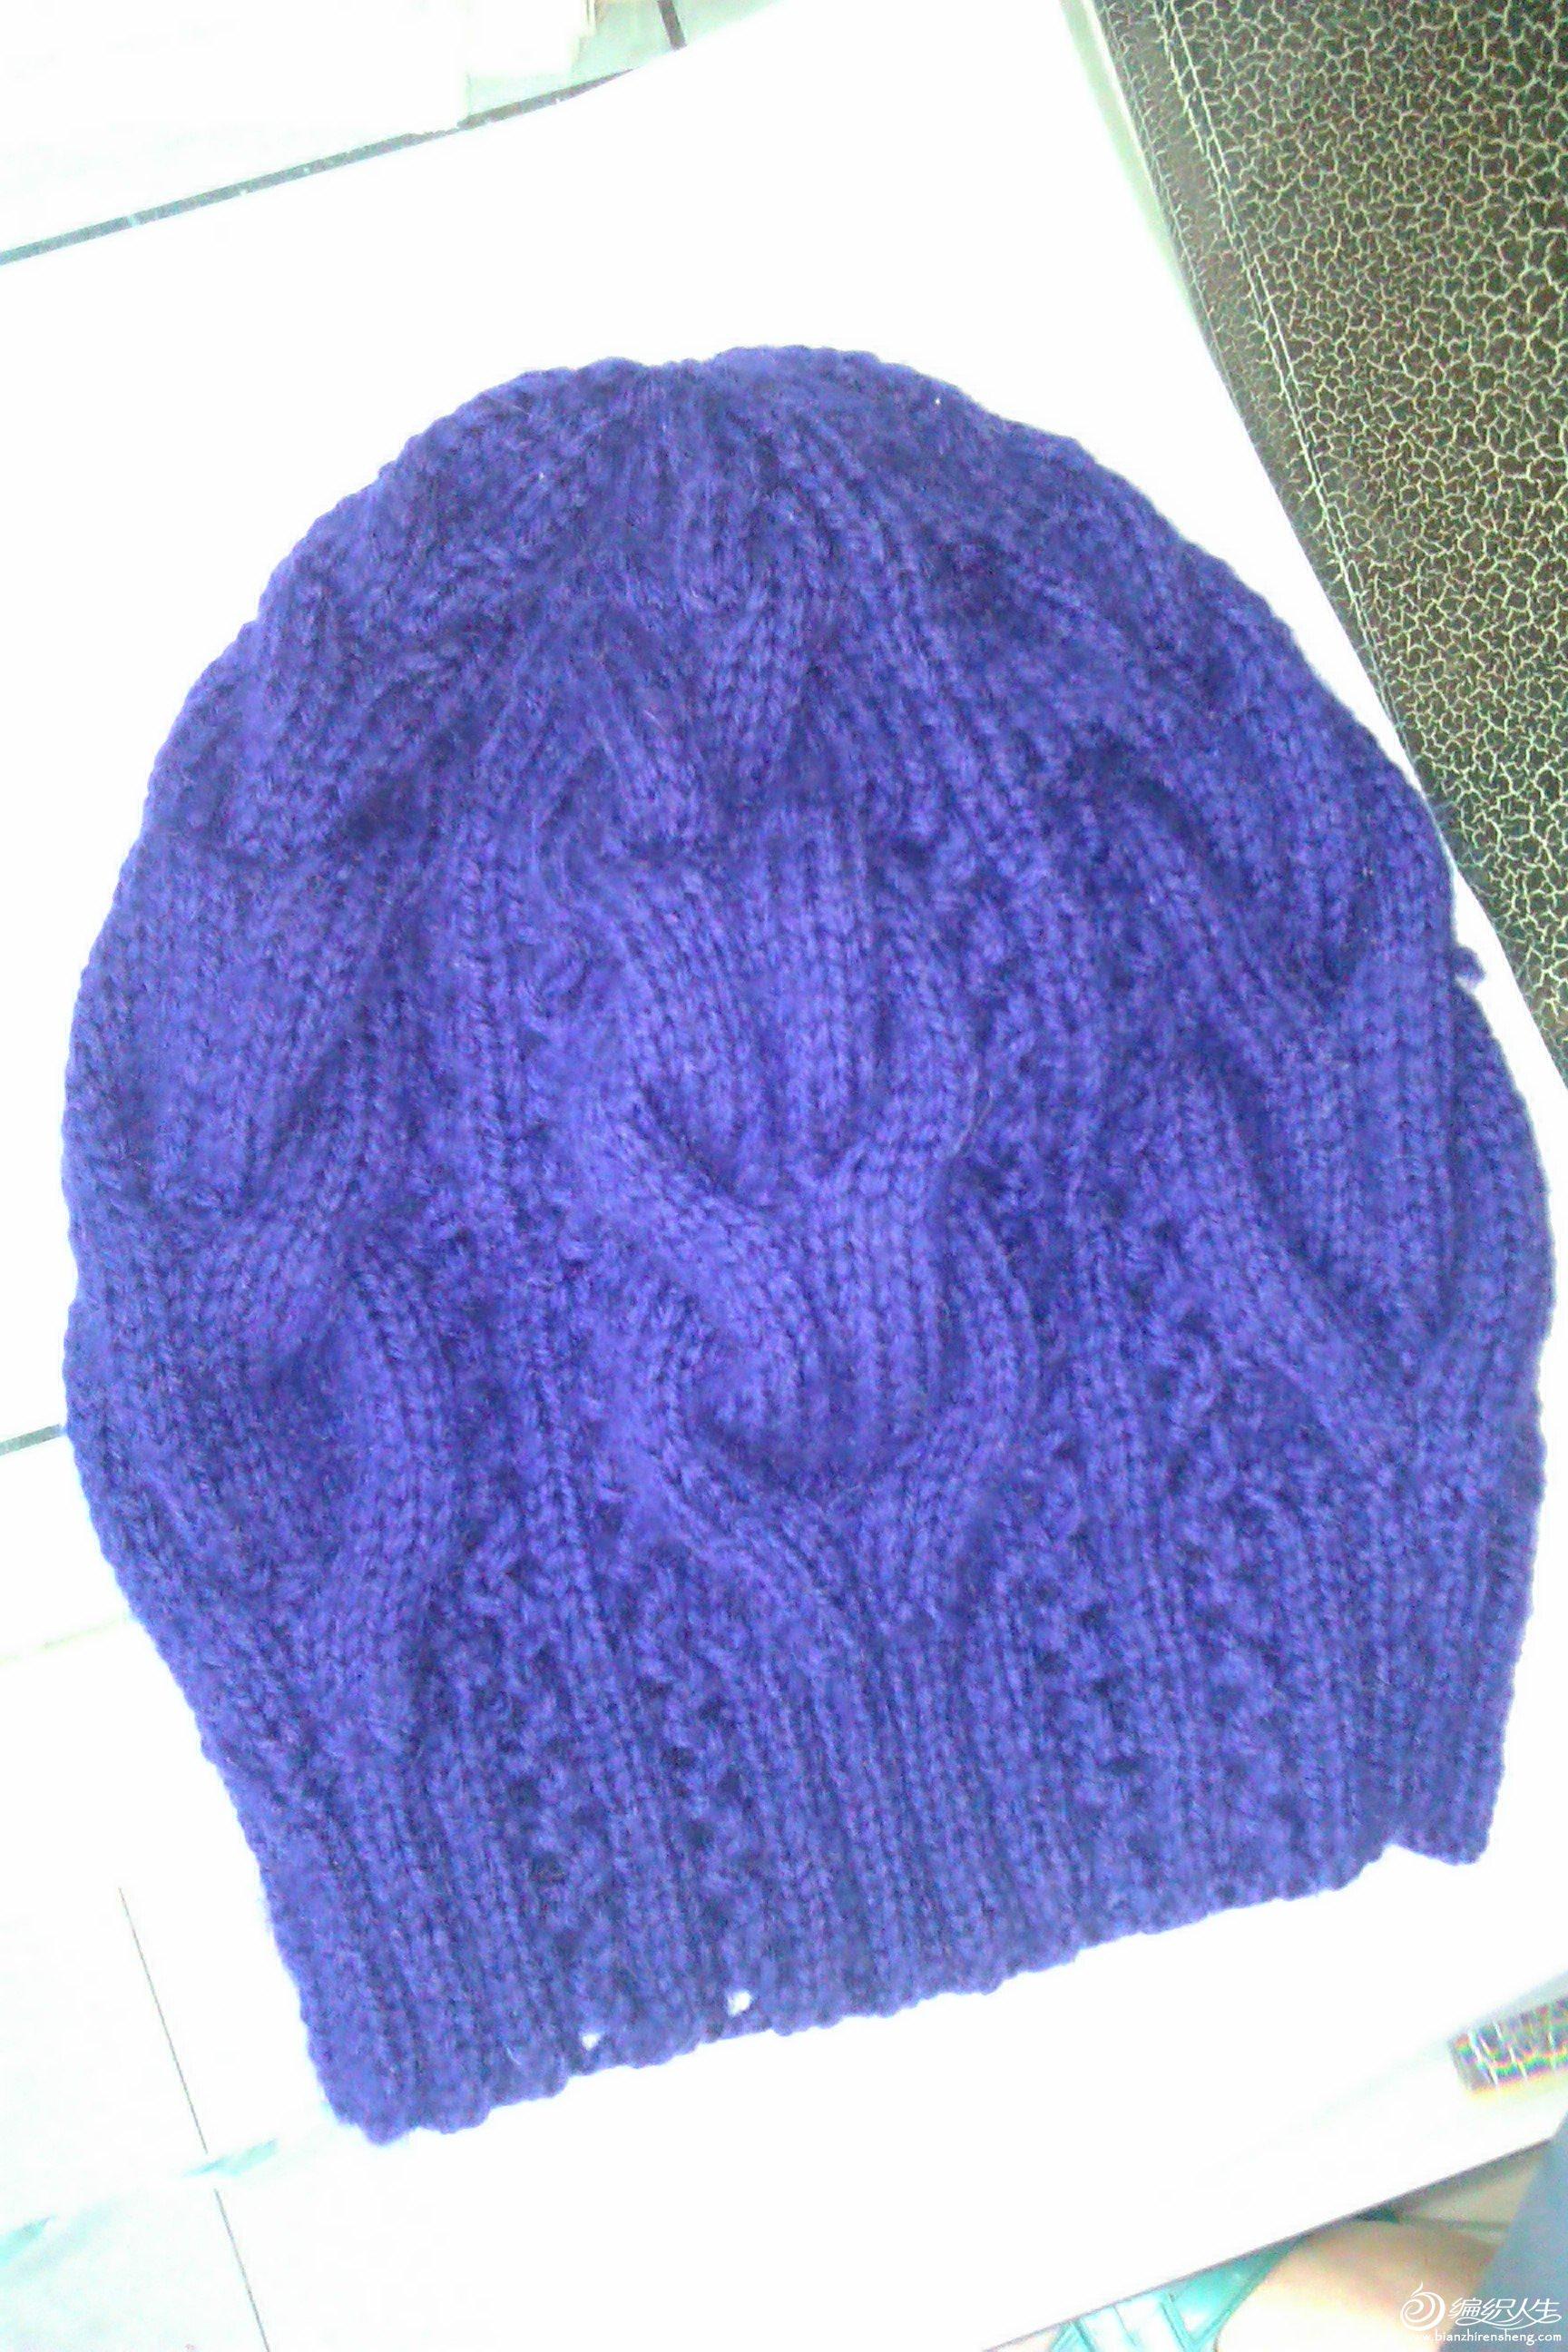 本帖最后由 lele658 于 2011-5-17 15:23 编辑 可爱的婴儿帽 这是从一本英文书上找到的图形和做法,小孩非常的可爱,当然帽子也漂亮。特别是帽子花纹的设计更是巧妙,很有西方的洋味道。 738700738701 我织这款帽子时作了一些改动,原图解是采用片织,再缝合,我是先圈织再片织,不用缝合。所以下面的中文编织方法说明与原英文图解不是完全相同。 可爱的婴儿帽的中文编织说明如下: 用3.